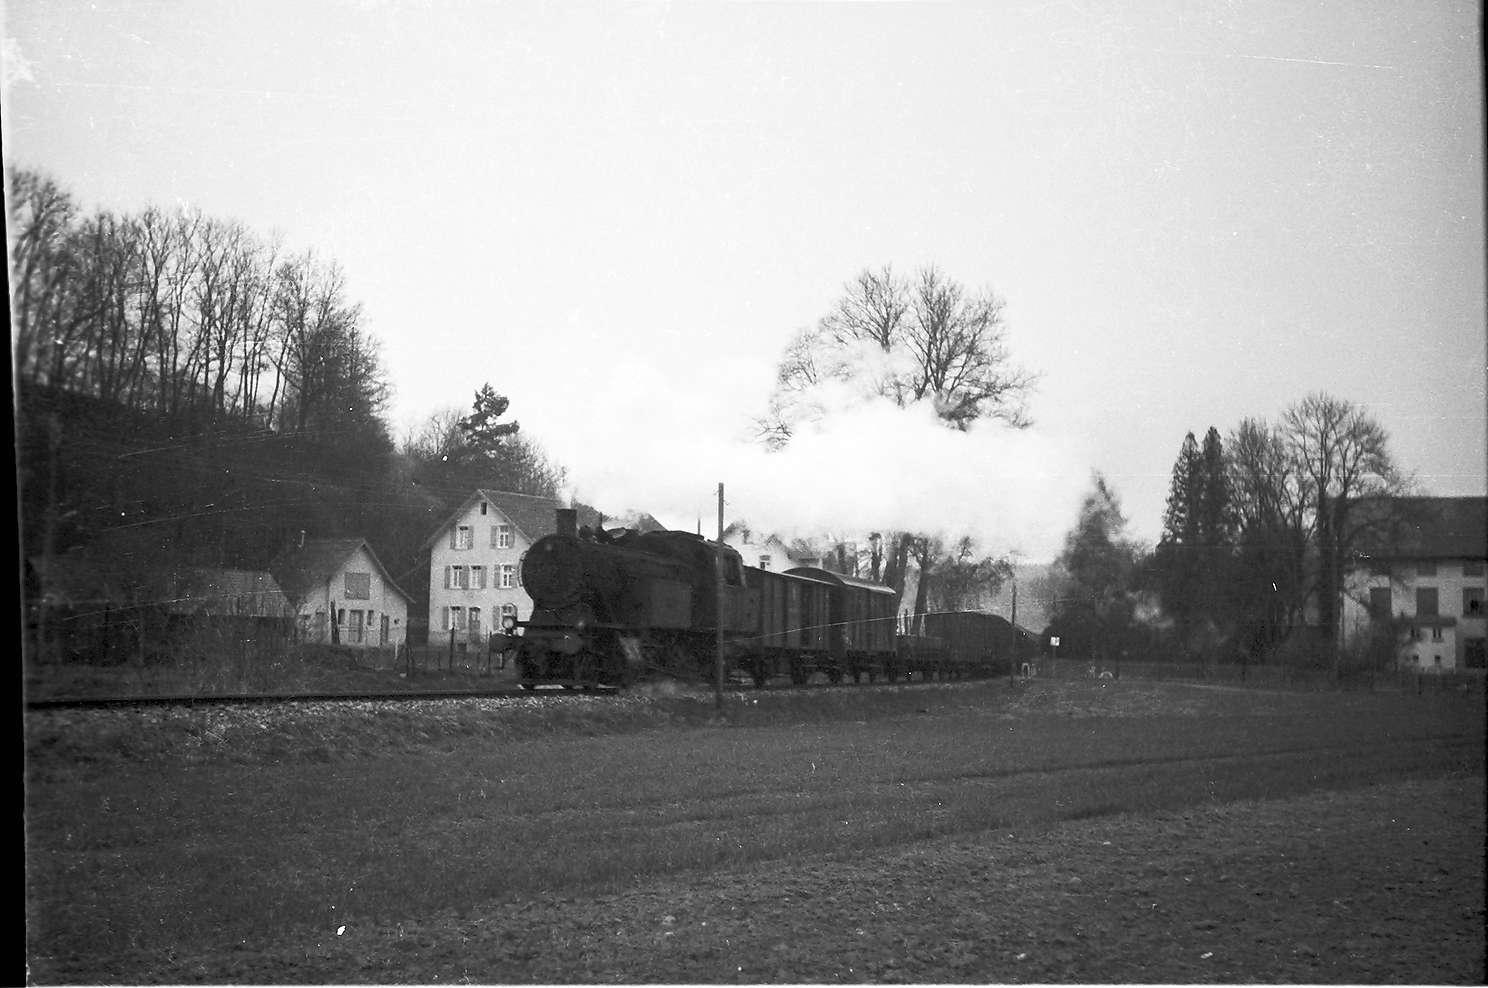 Lok 15, Güterzug 313, Strecke Laucherthal - Sigmaringendorf, 2009 ist im Vordergrund alles bebaut, Bild 1